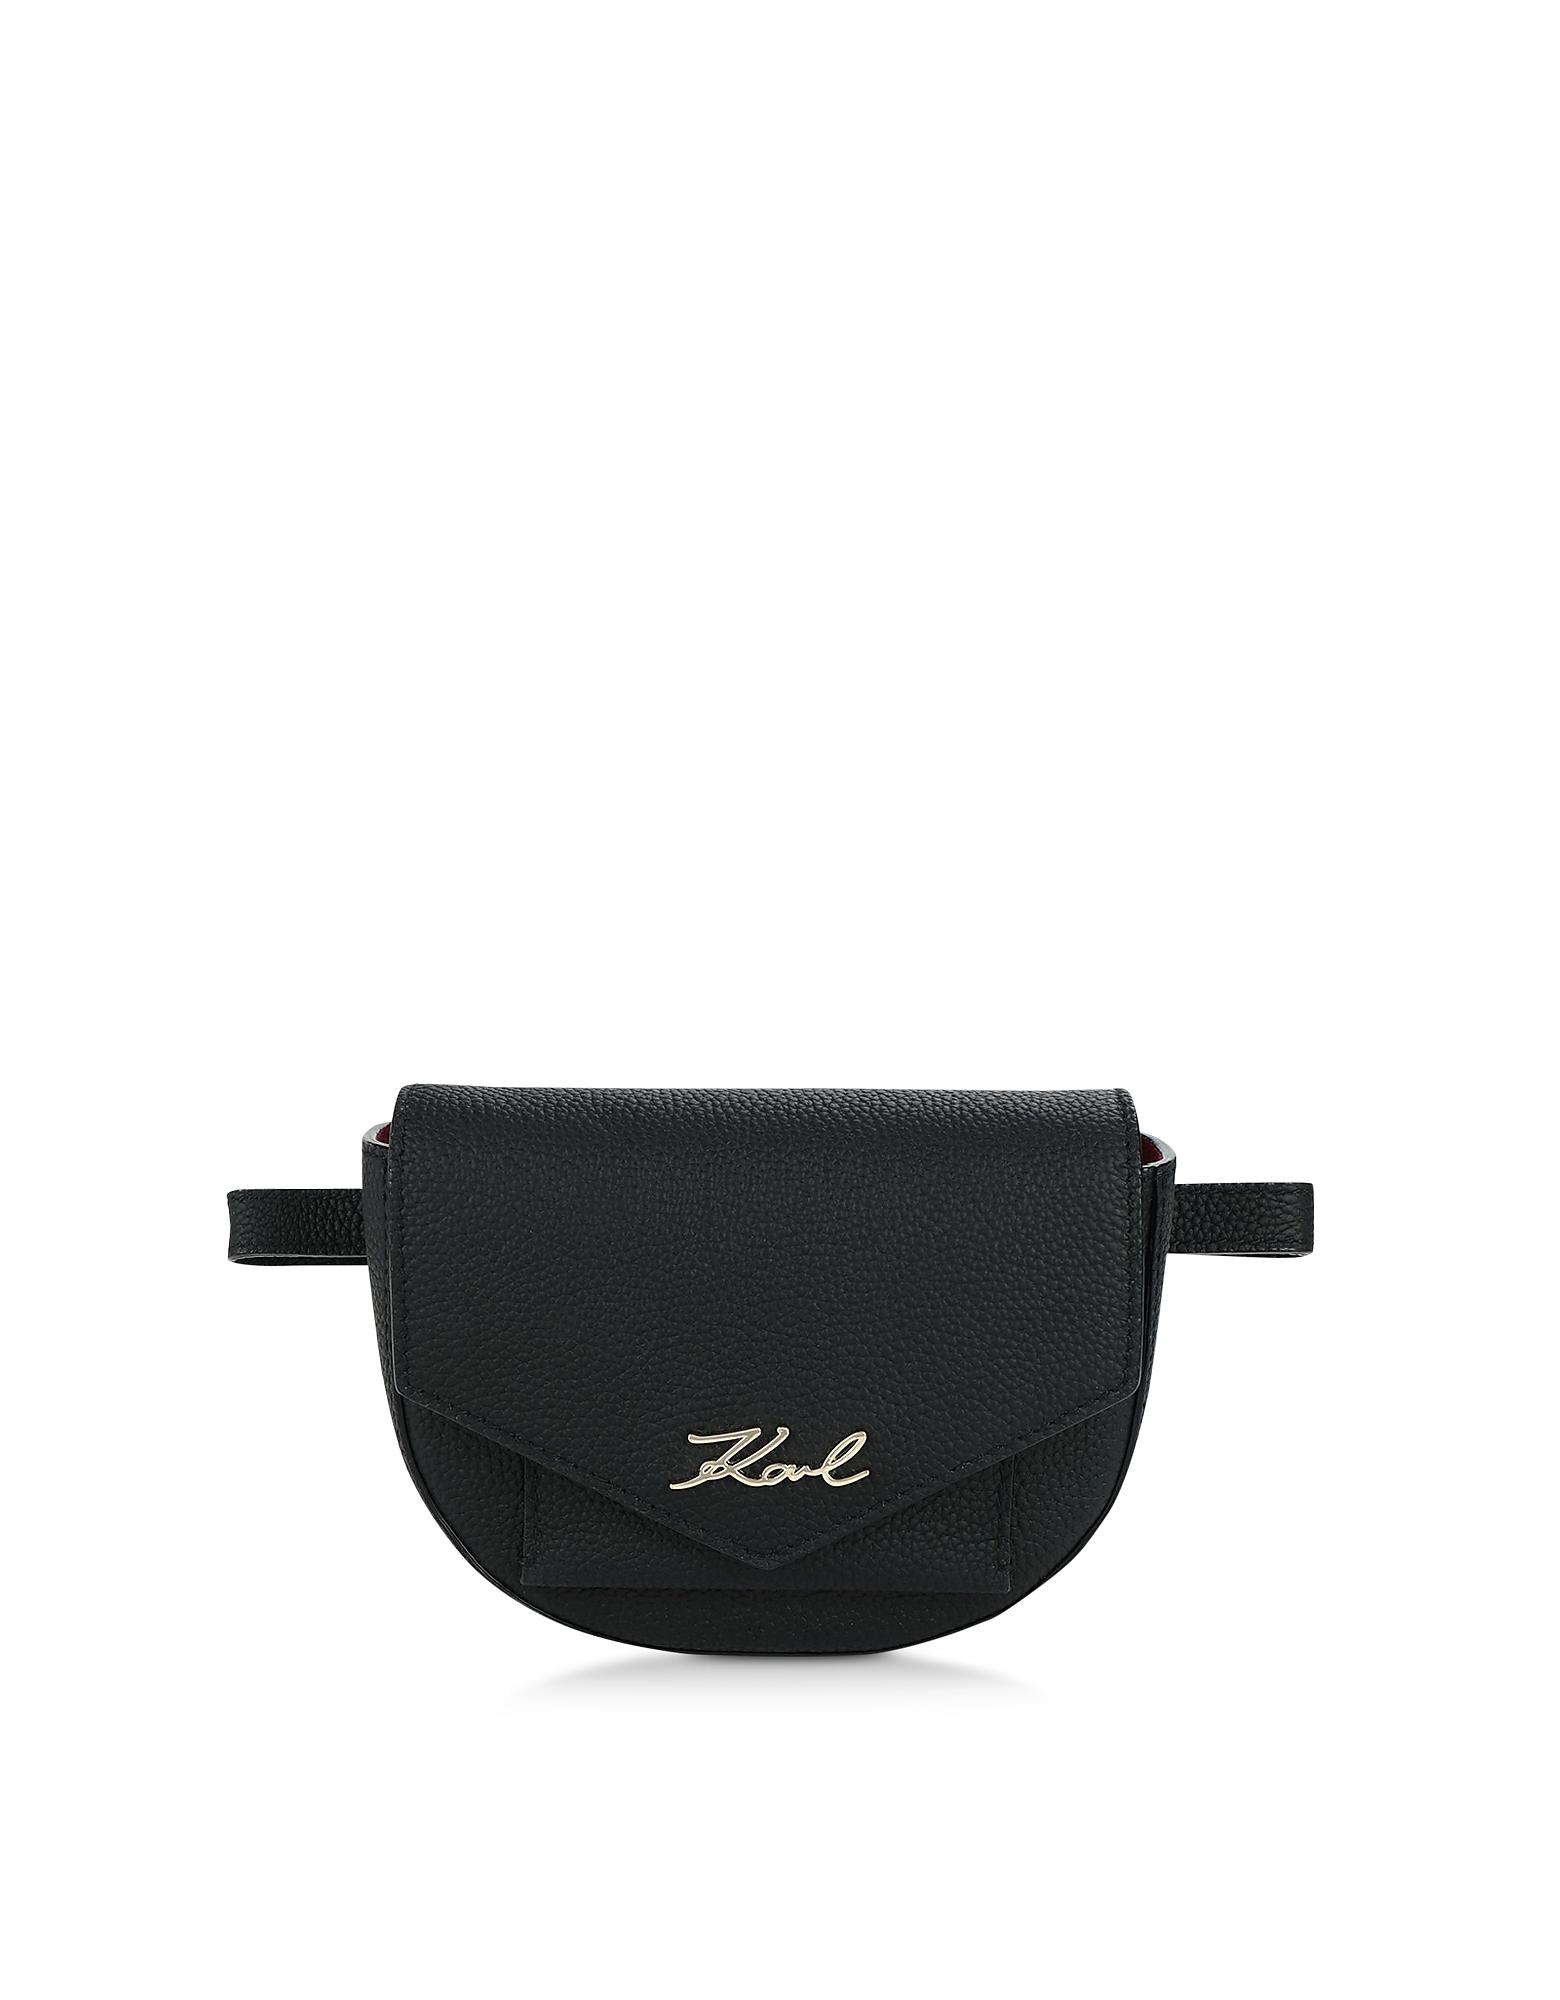 K/Kerry All Belt Bag